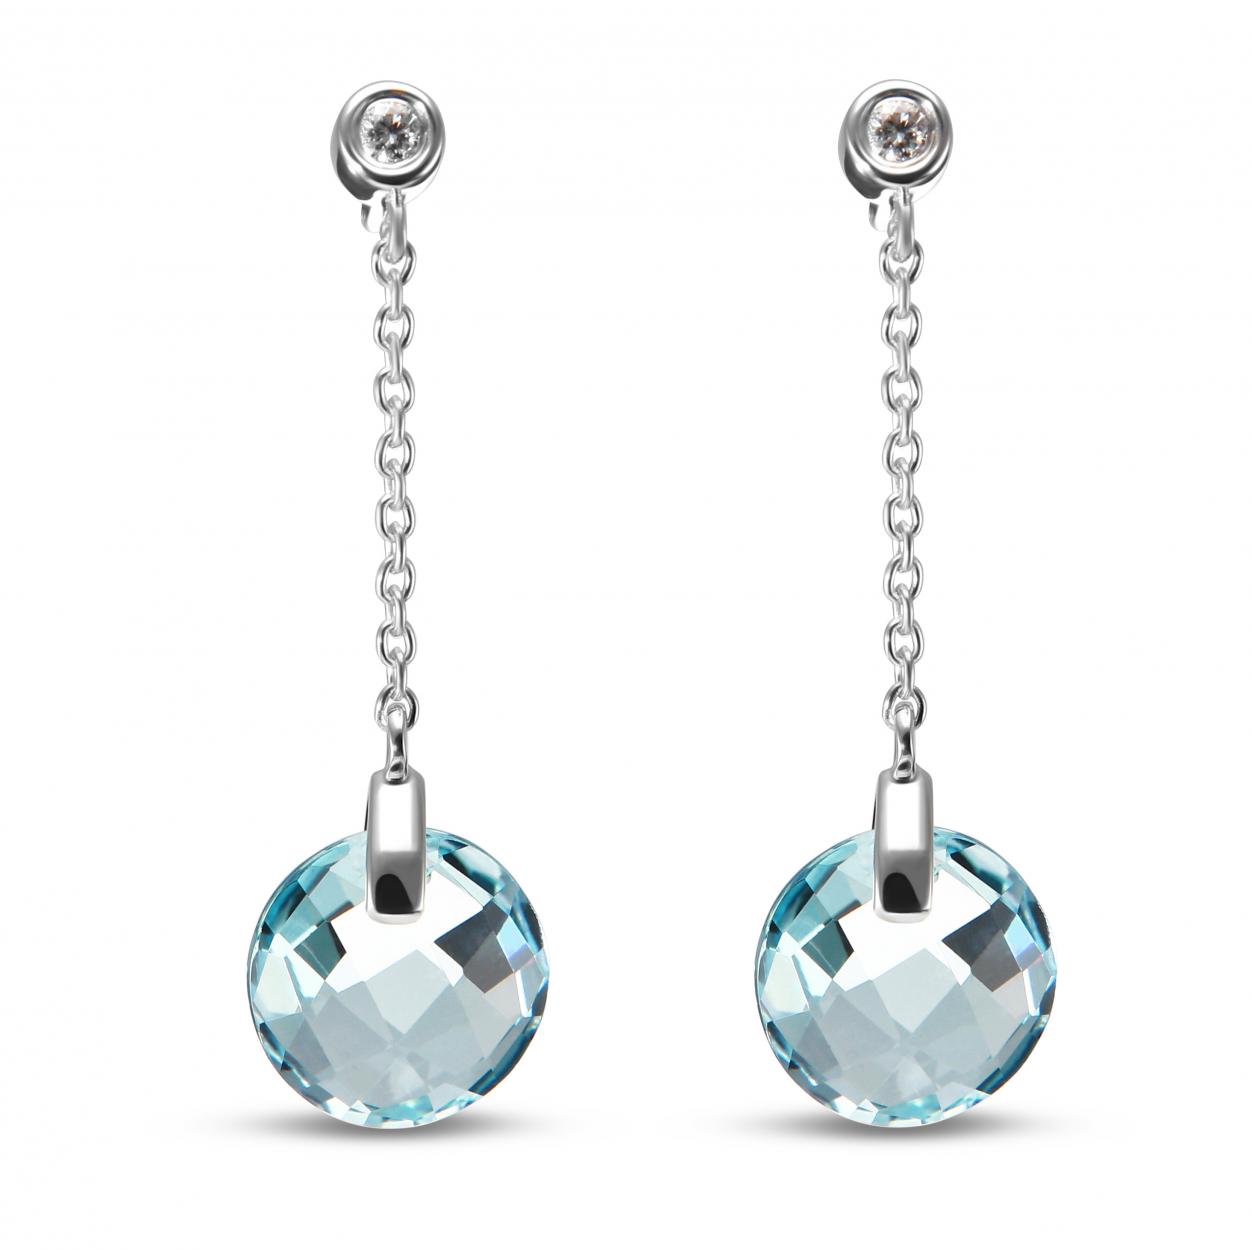 6x4mm Opale /& Diamant Ovale Boucles D/'Oreilles Clou Or Blanc Argent